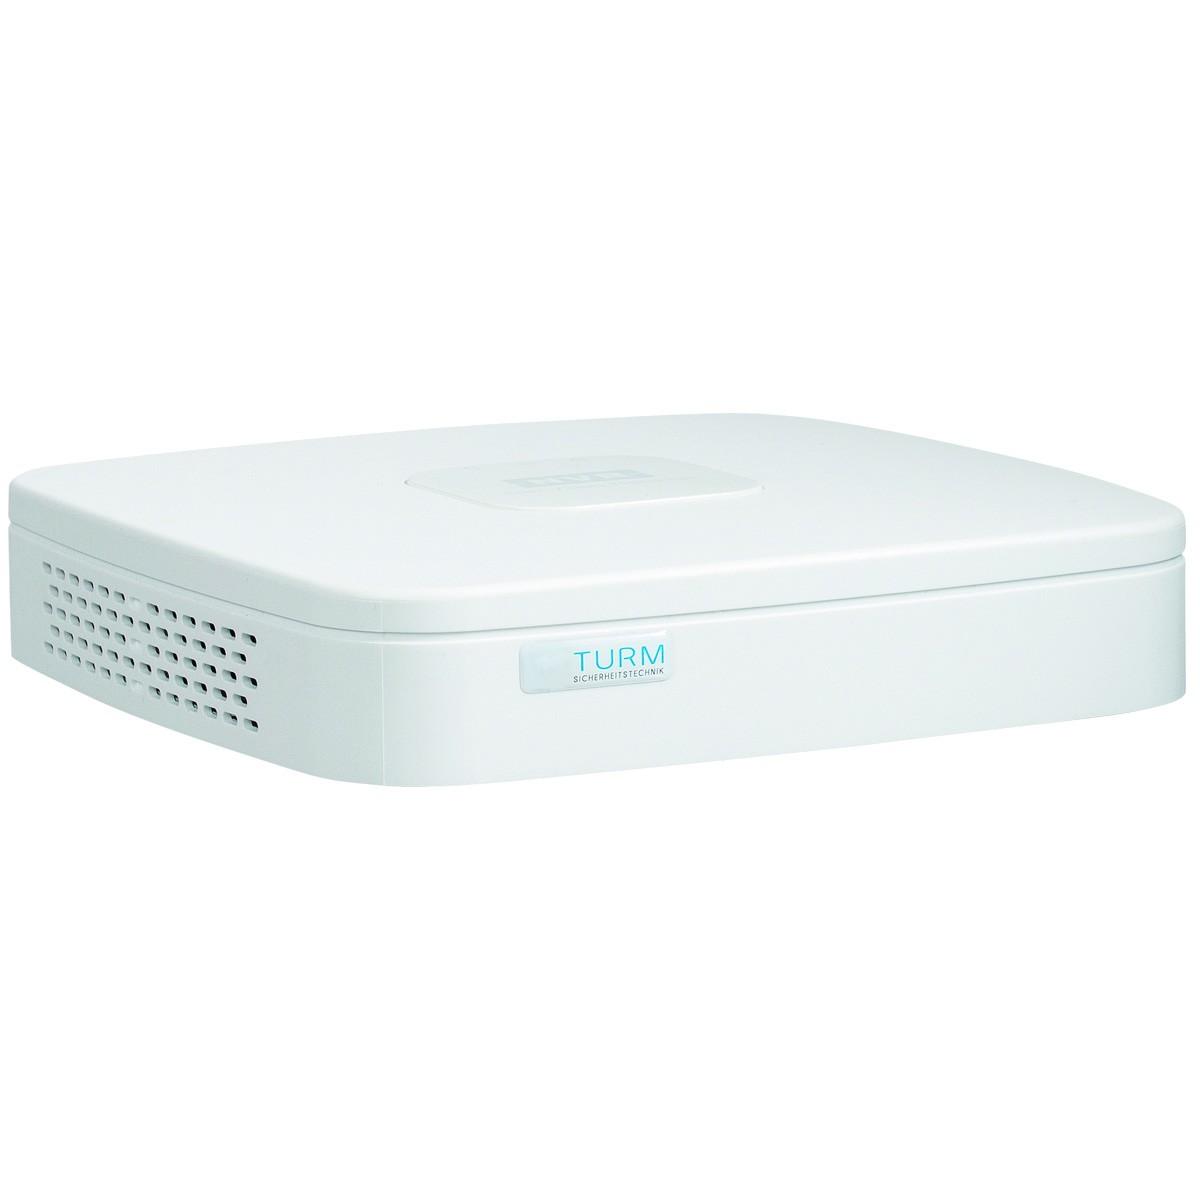 TURM Lite NVR Rekorder für 4 IP Netzwerk Kameras mit 4x PoE und H.265 Kompression